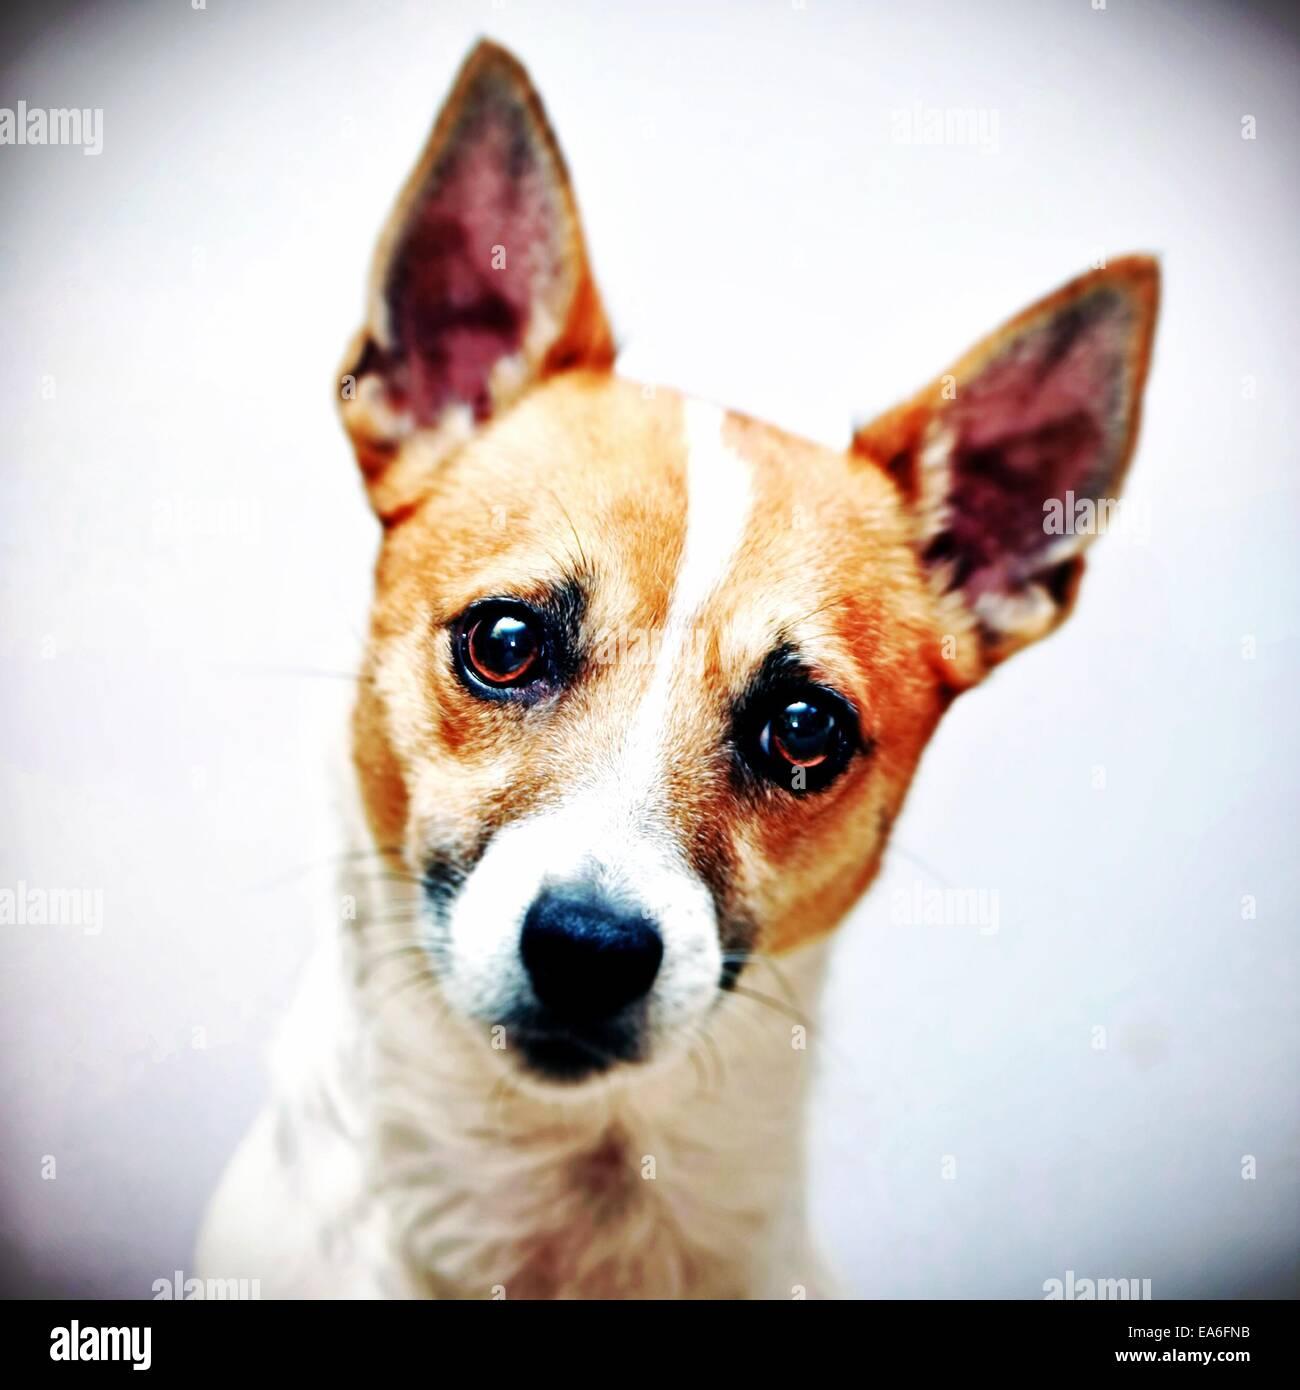 Cabeza de perro Jack Russell terrier shot Imagen De Stock